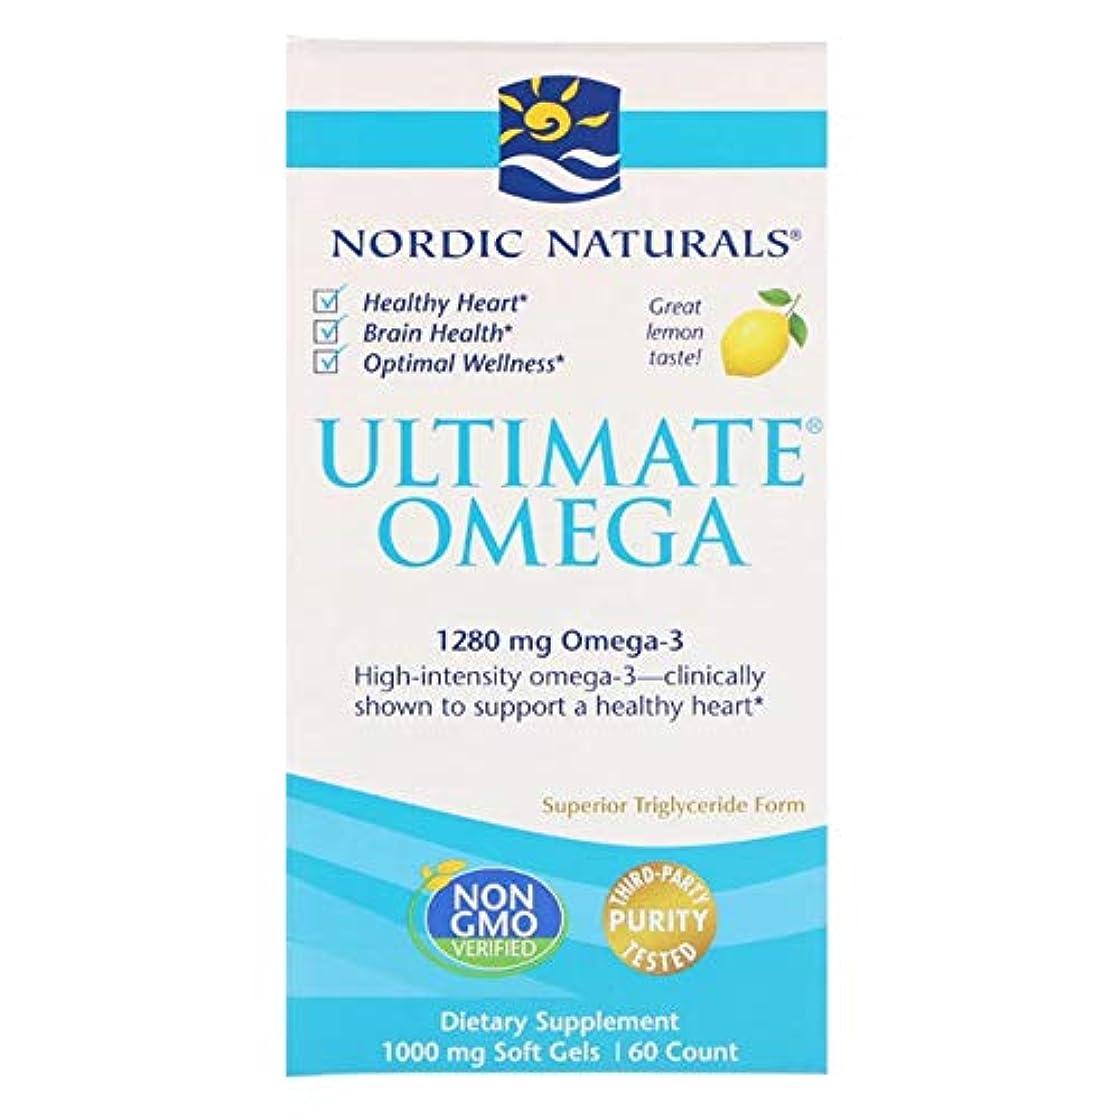 アパル通り抜ける部門Nordic Naturals 究極のオメガ レモン 1280 mg 60ソフトゼリー 【アメリカ直送】